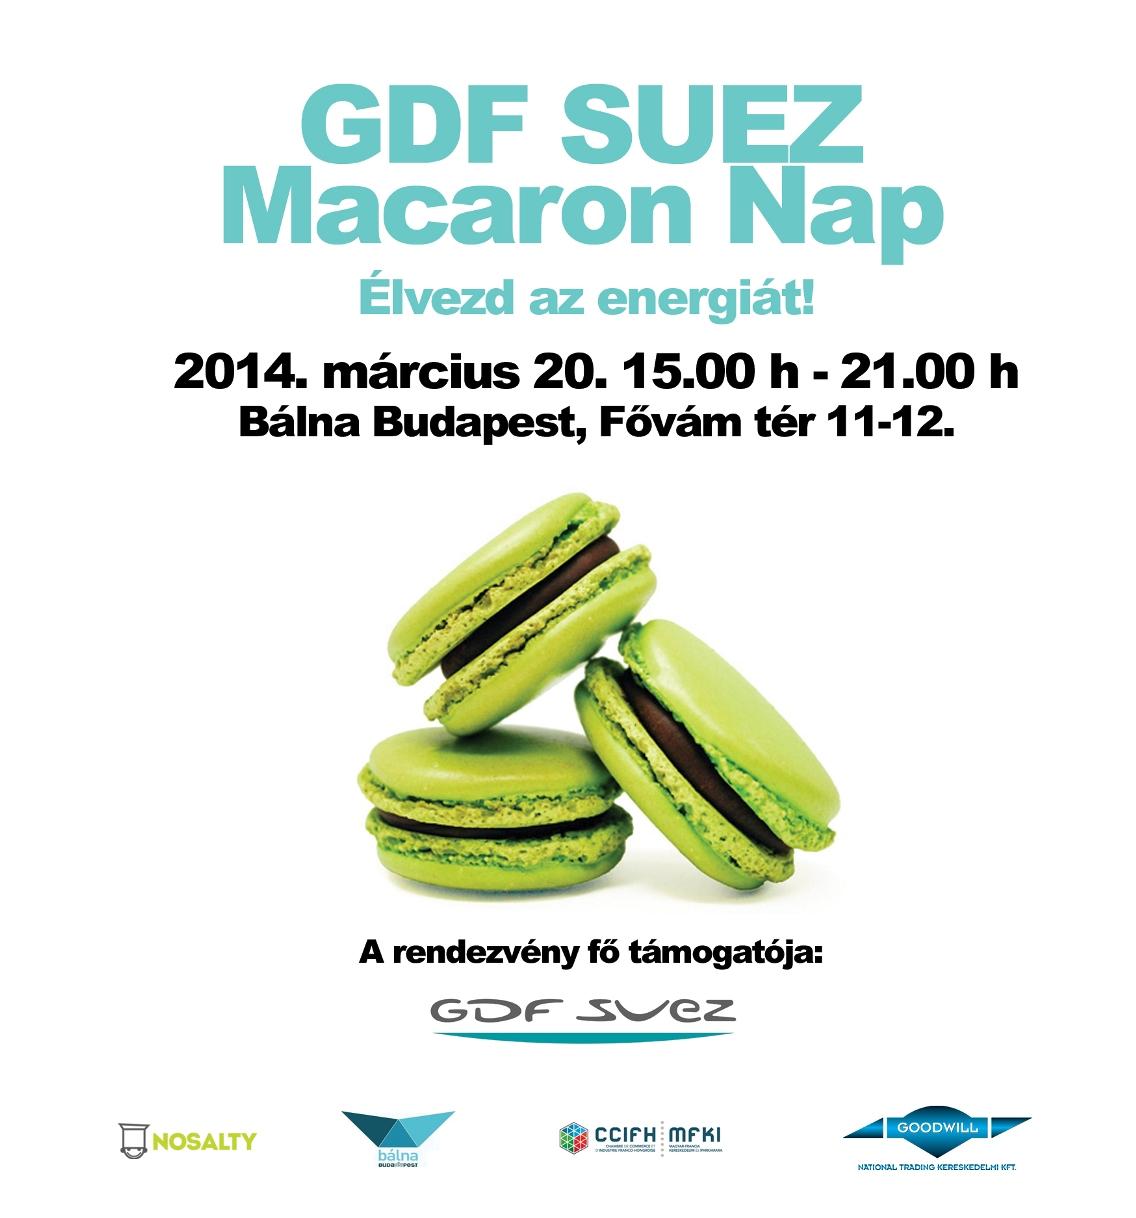 GDF SUEZ MACARON NAP